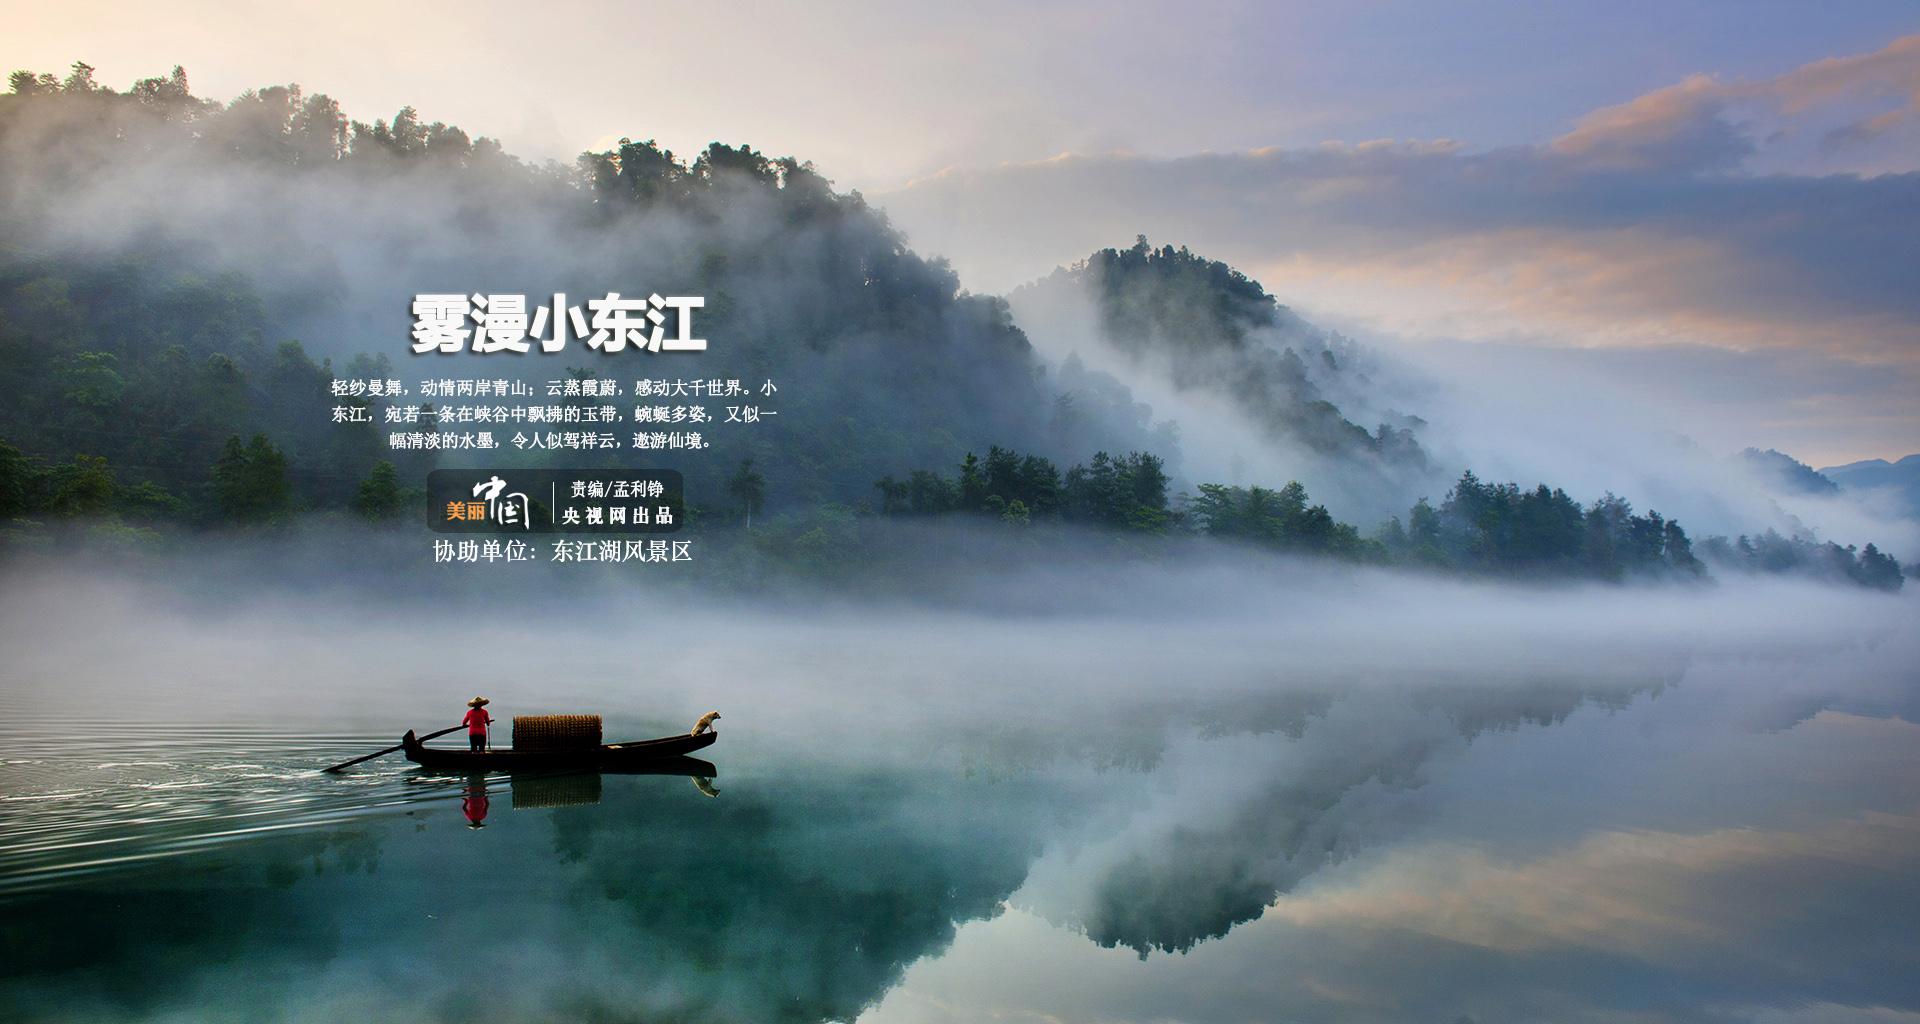 """它""""藏身""""于东江湖中心岛——江南目前最大的内陆岛""""兜率岛""""南面峭壁下"""